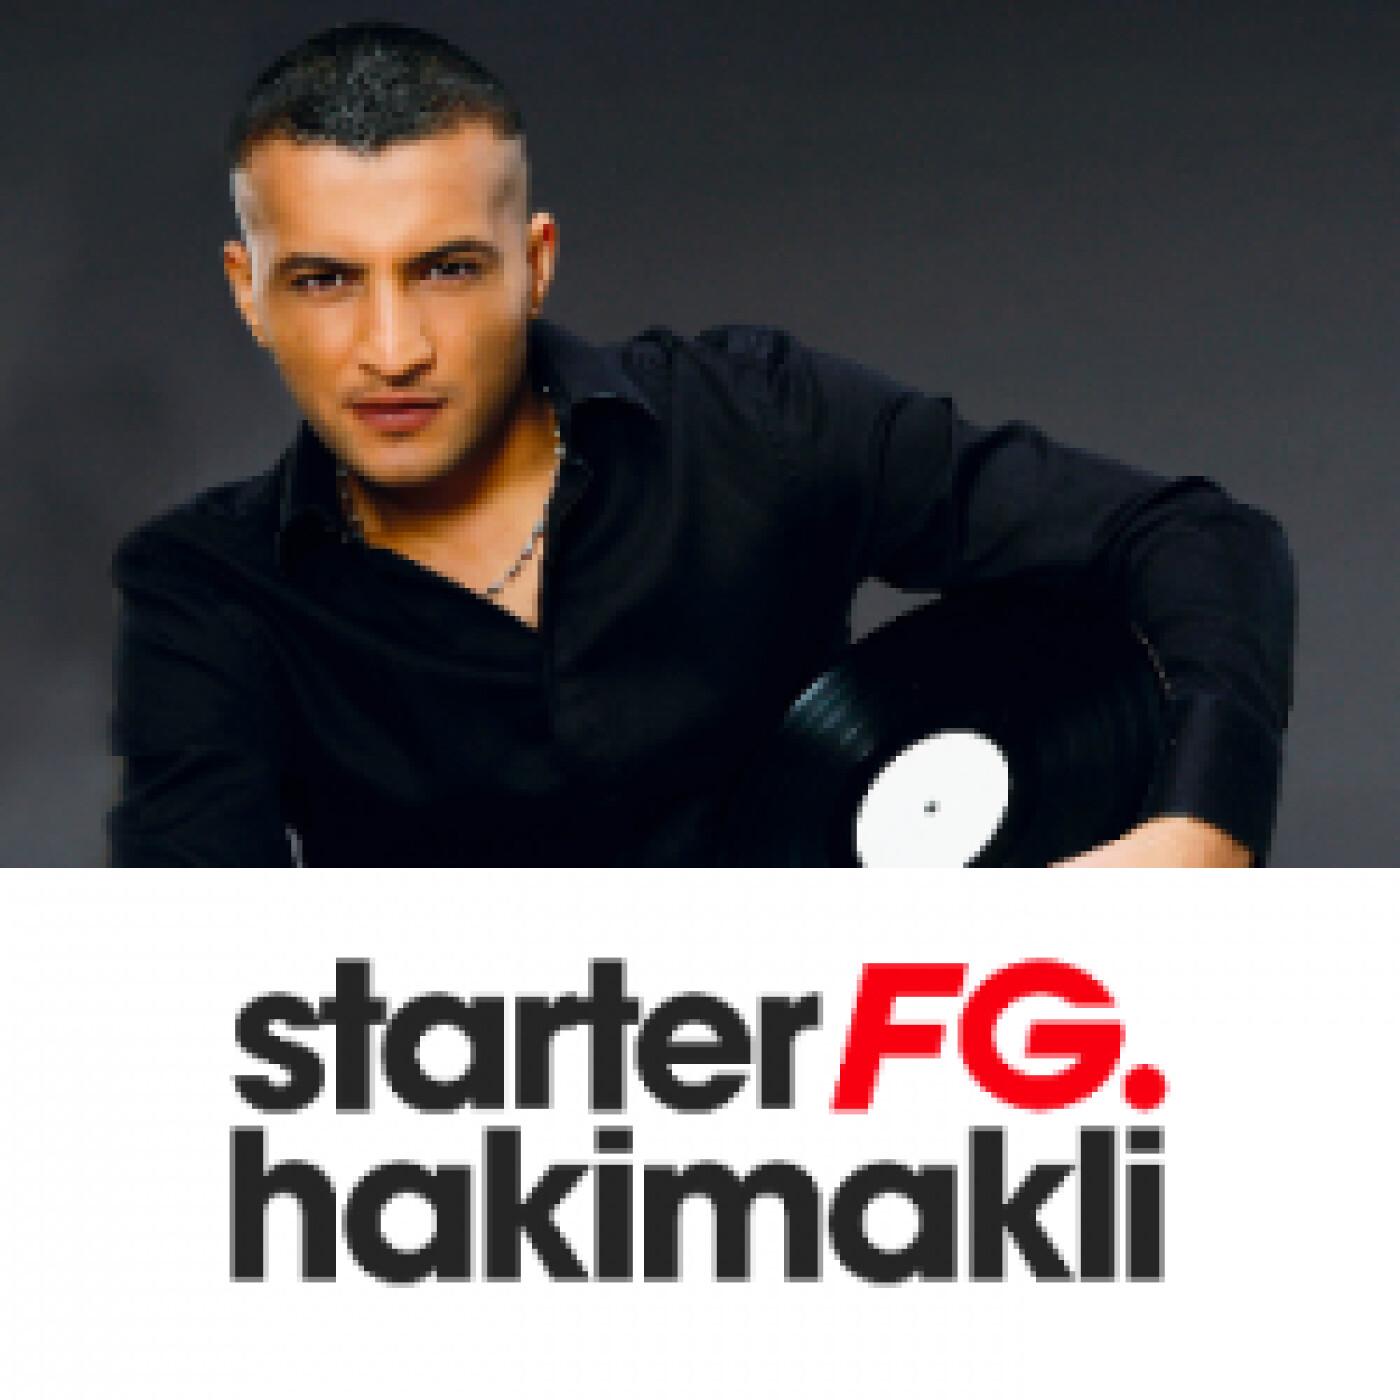 STARTER FG BY HAKIMAKLI JEUDI 18 FEVRIER 2021